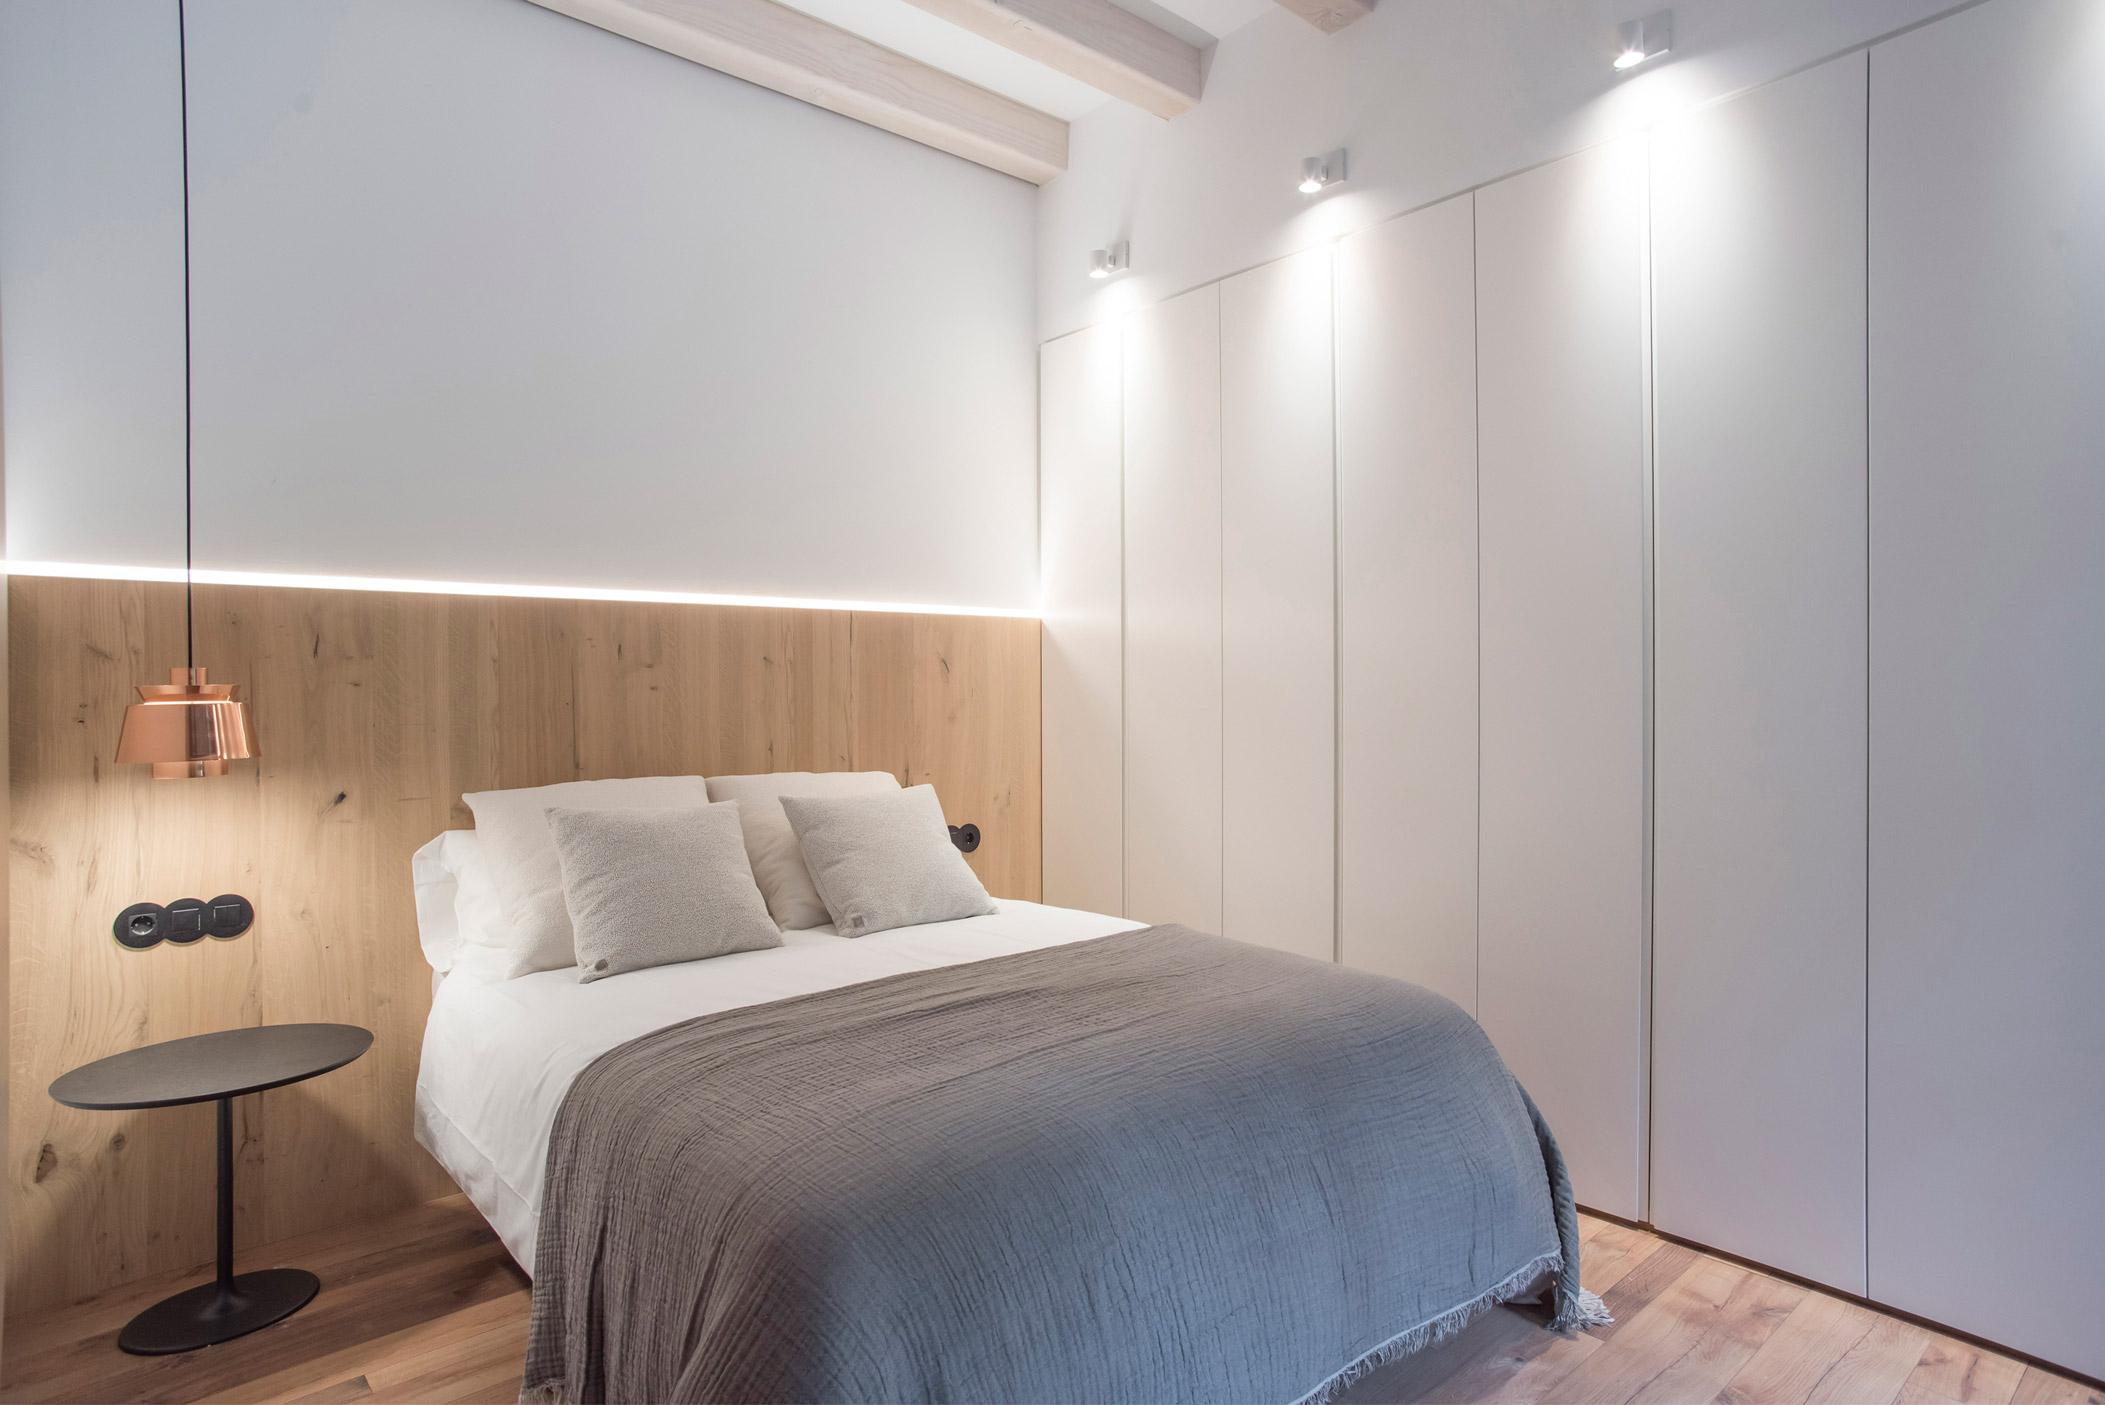 dormitorio proyecto Paymbiliario